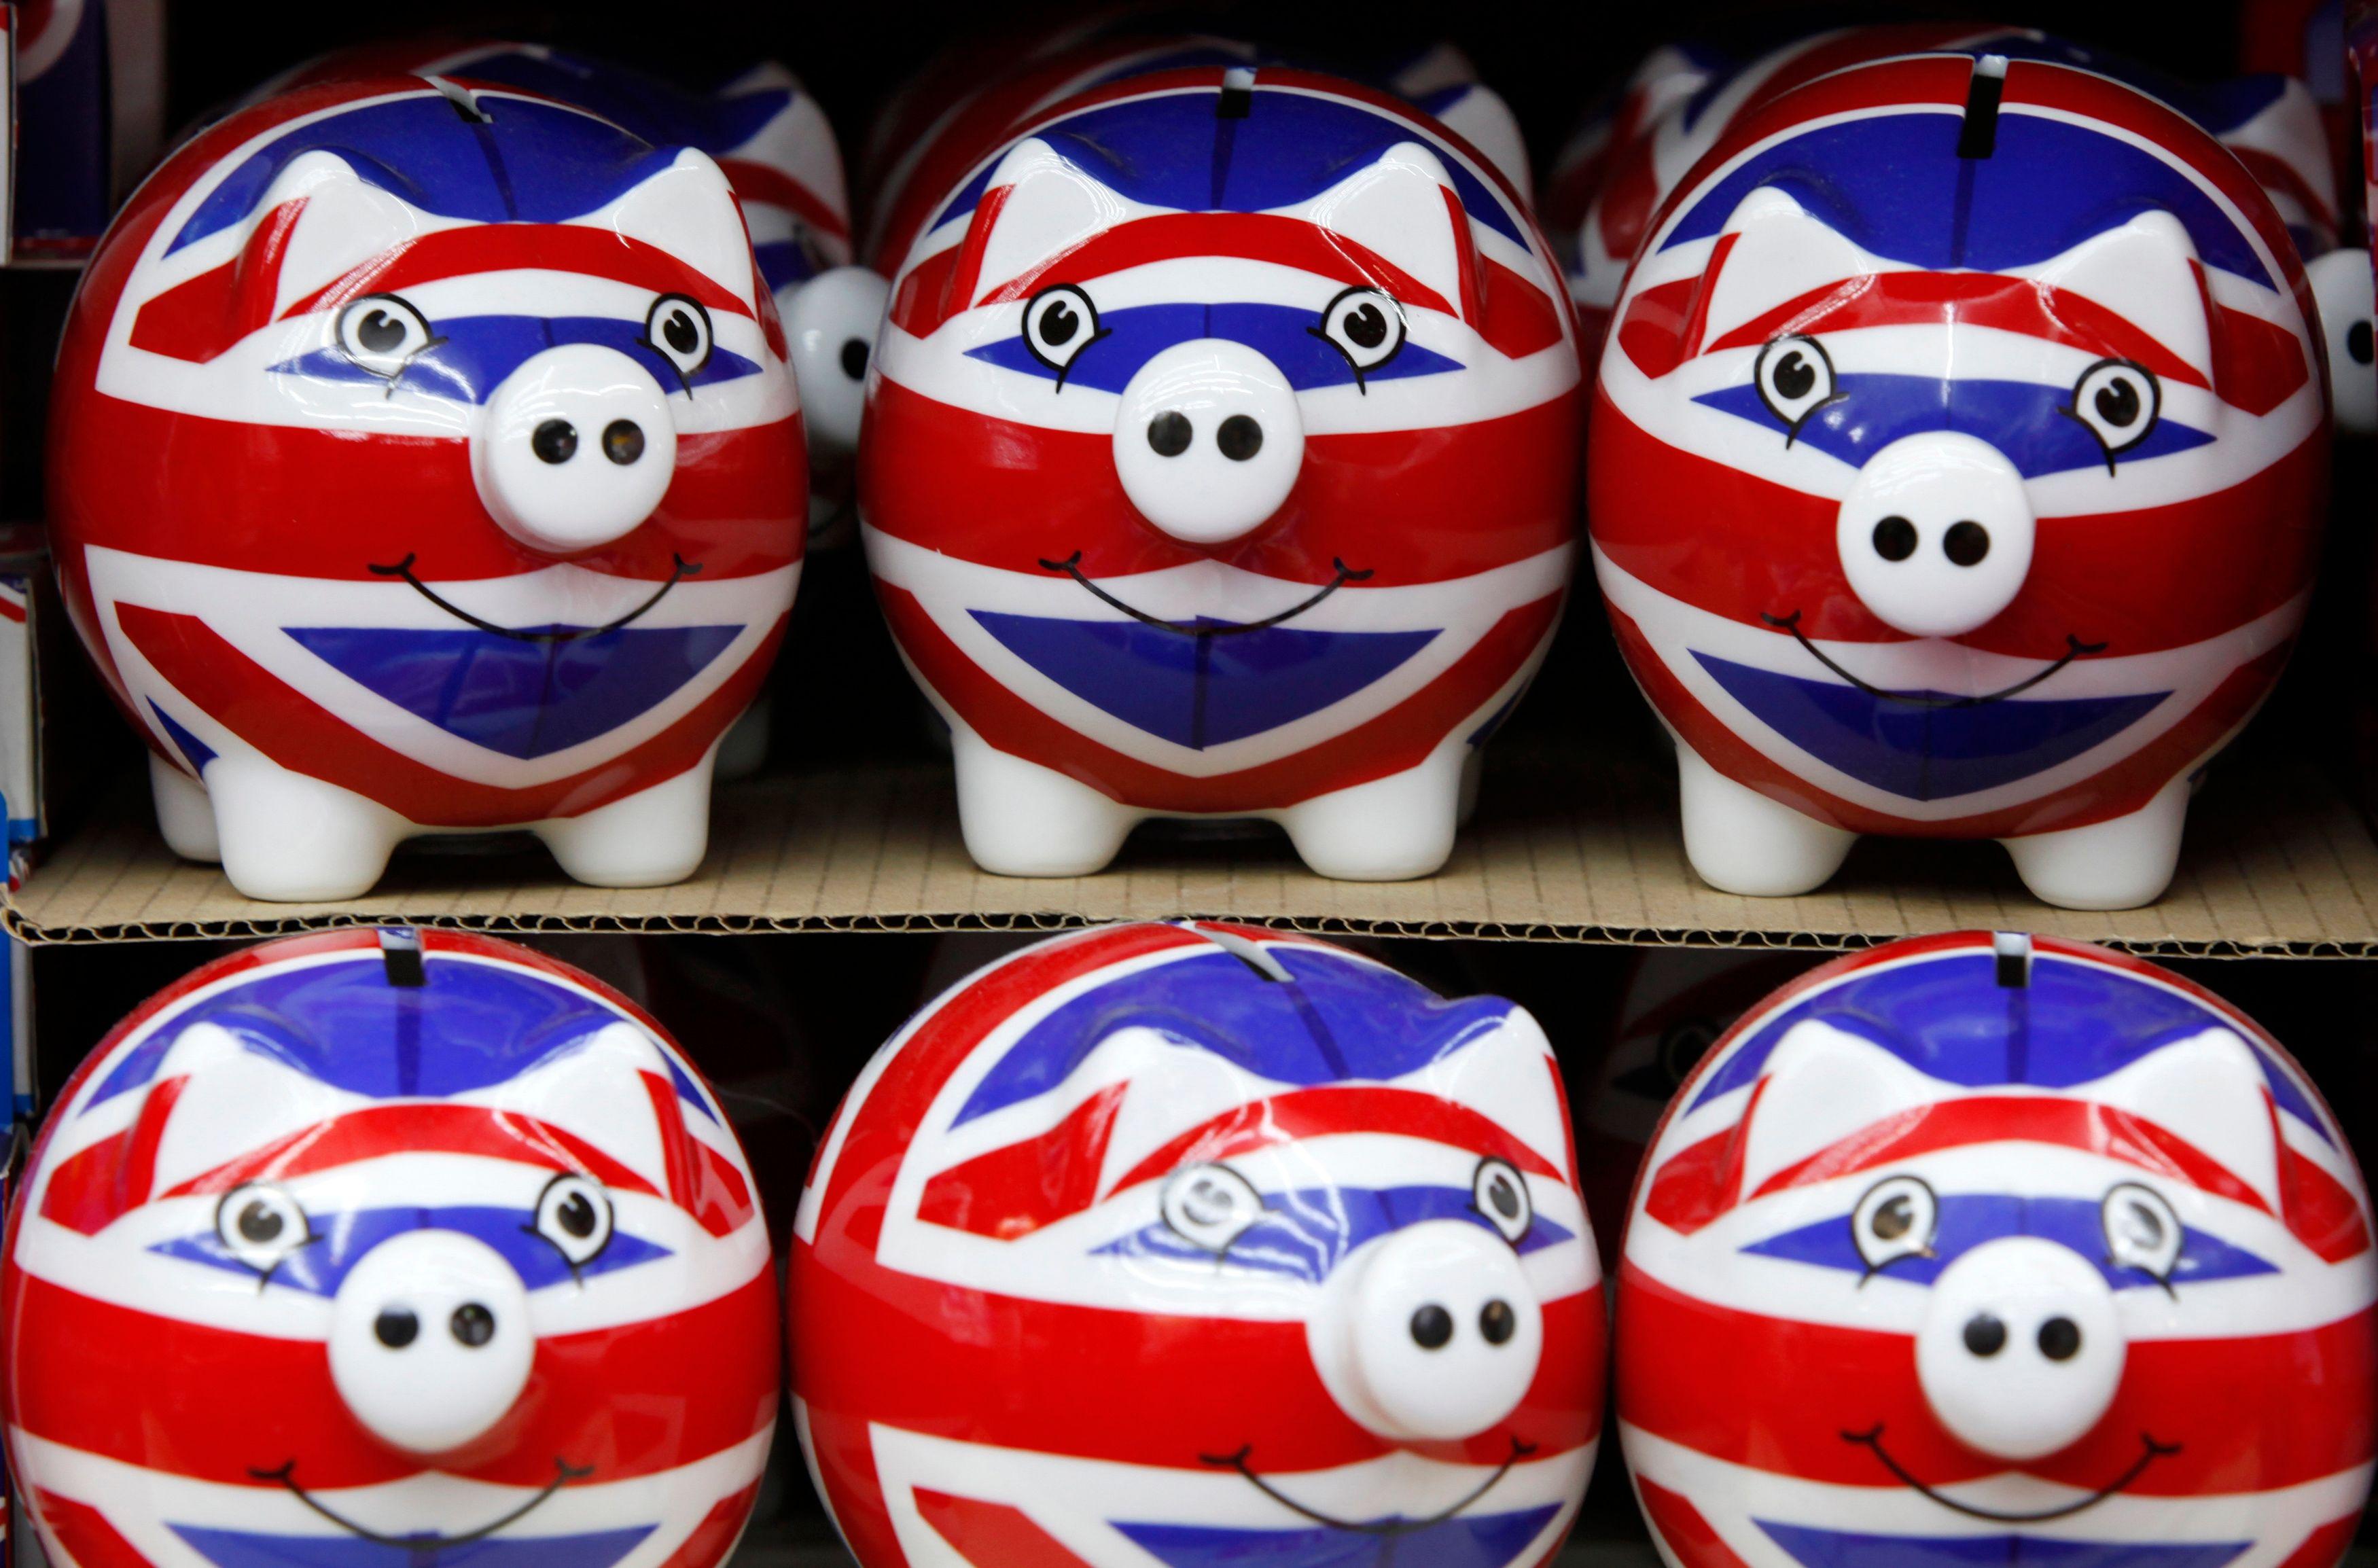 Le cas de la France va être étudié de près par les fonds d'investissement anglo-saxon.